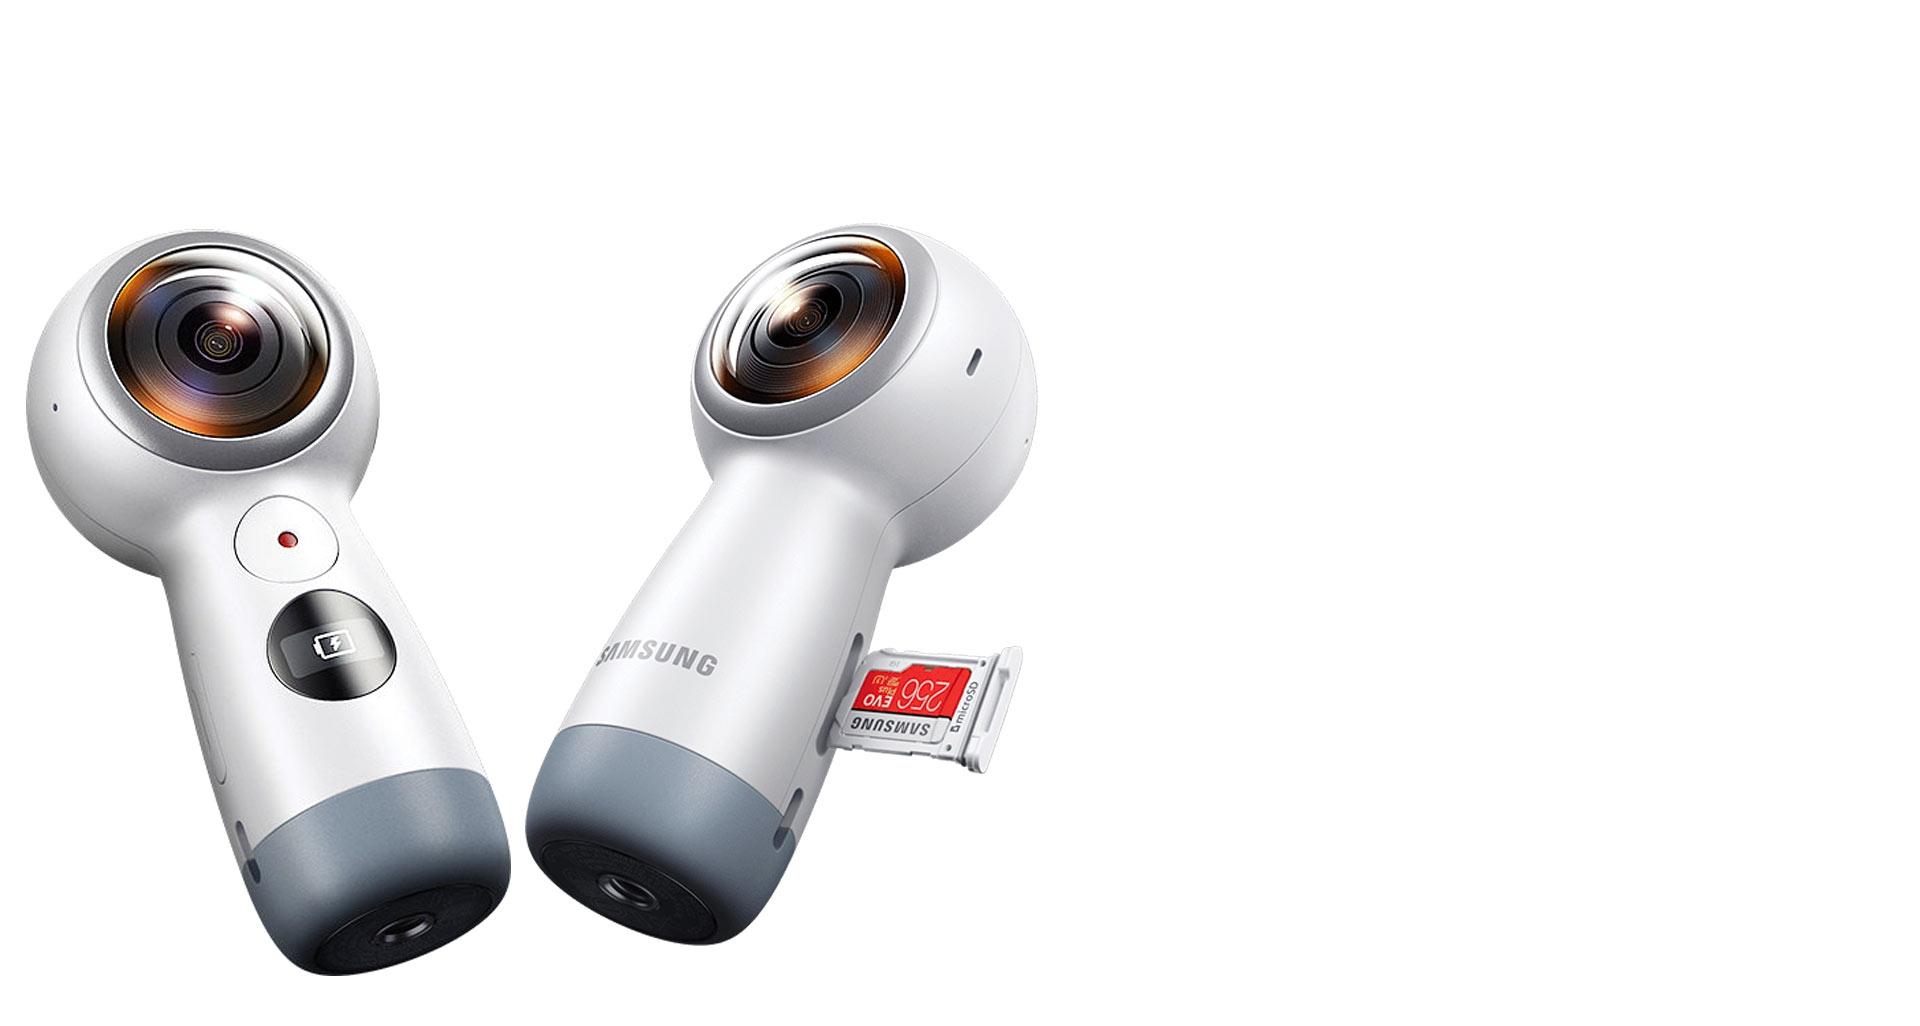 قابلیت حمل بسیار بالای دوربین 360 سامسونگ